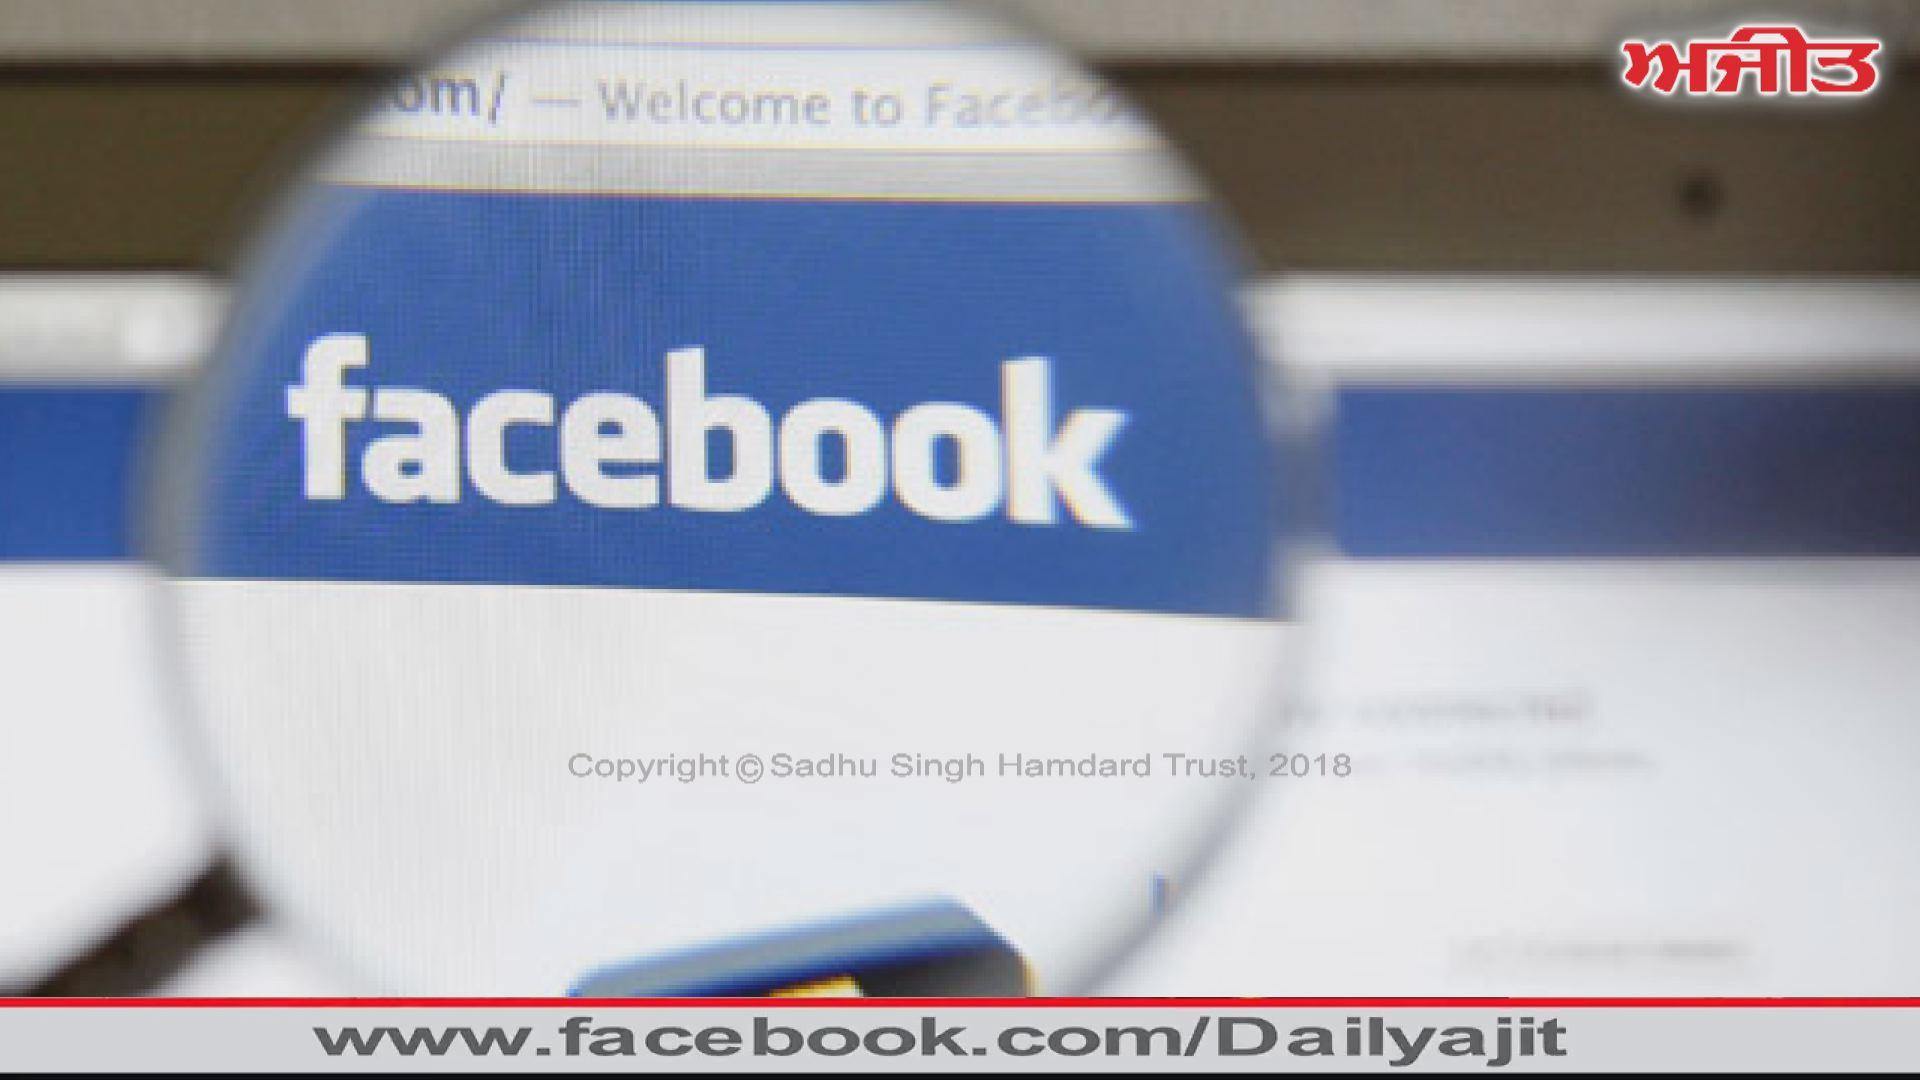 ਭਾਰਤ ਸਰਕਾਰ ਕਰ ਸਕਦੀ ਹੈ #Facebook ਬੈਨ, #MarkZukerberg ਨੇ ਮੰਗੀ ਮਾਫੀ